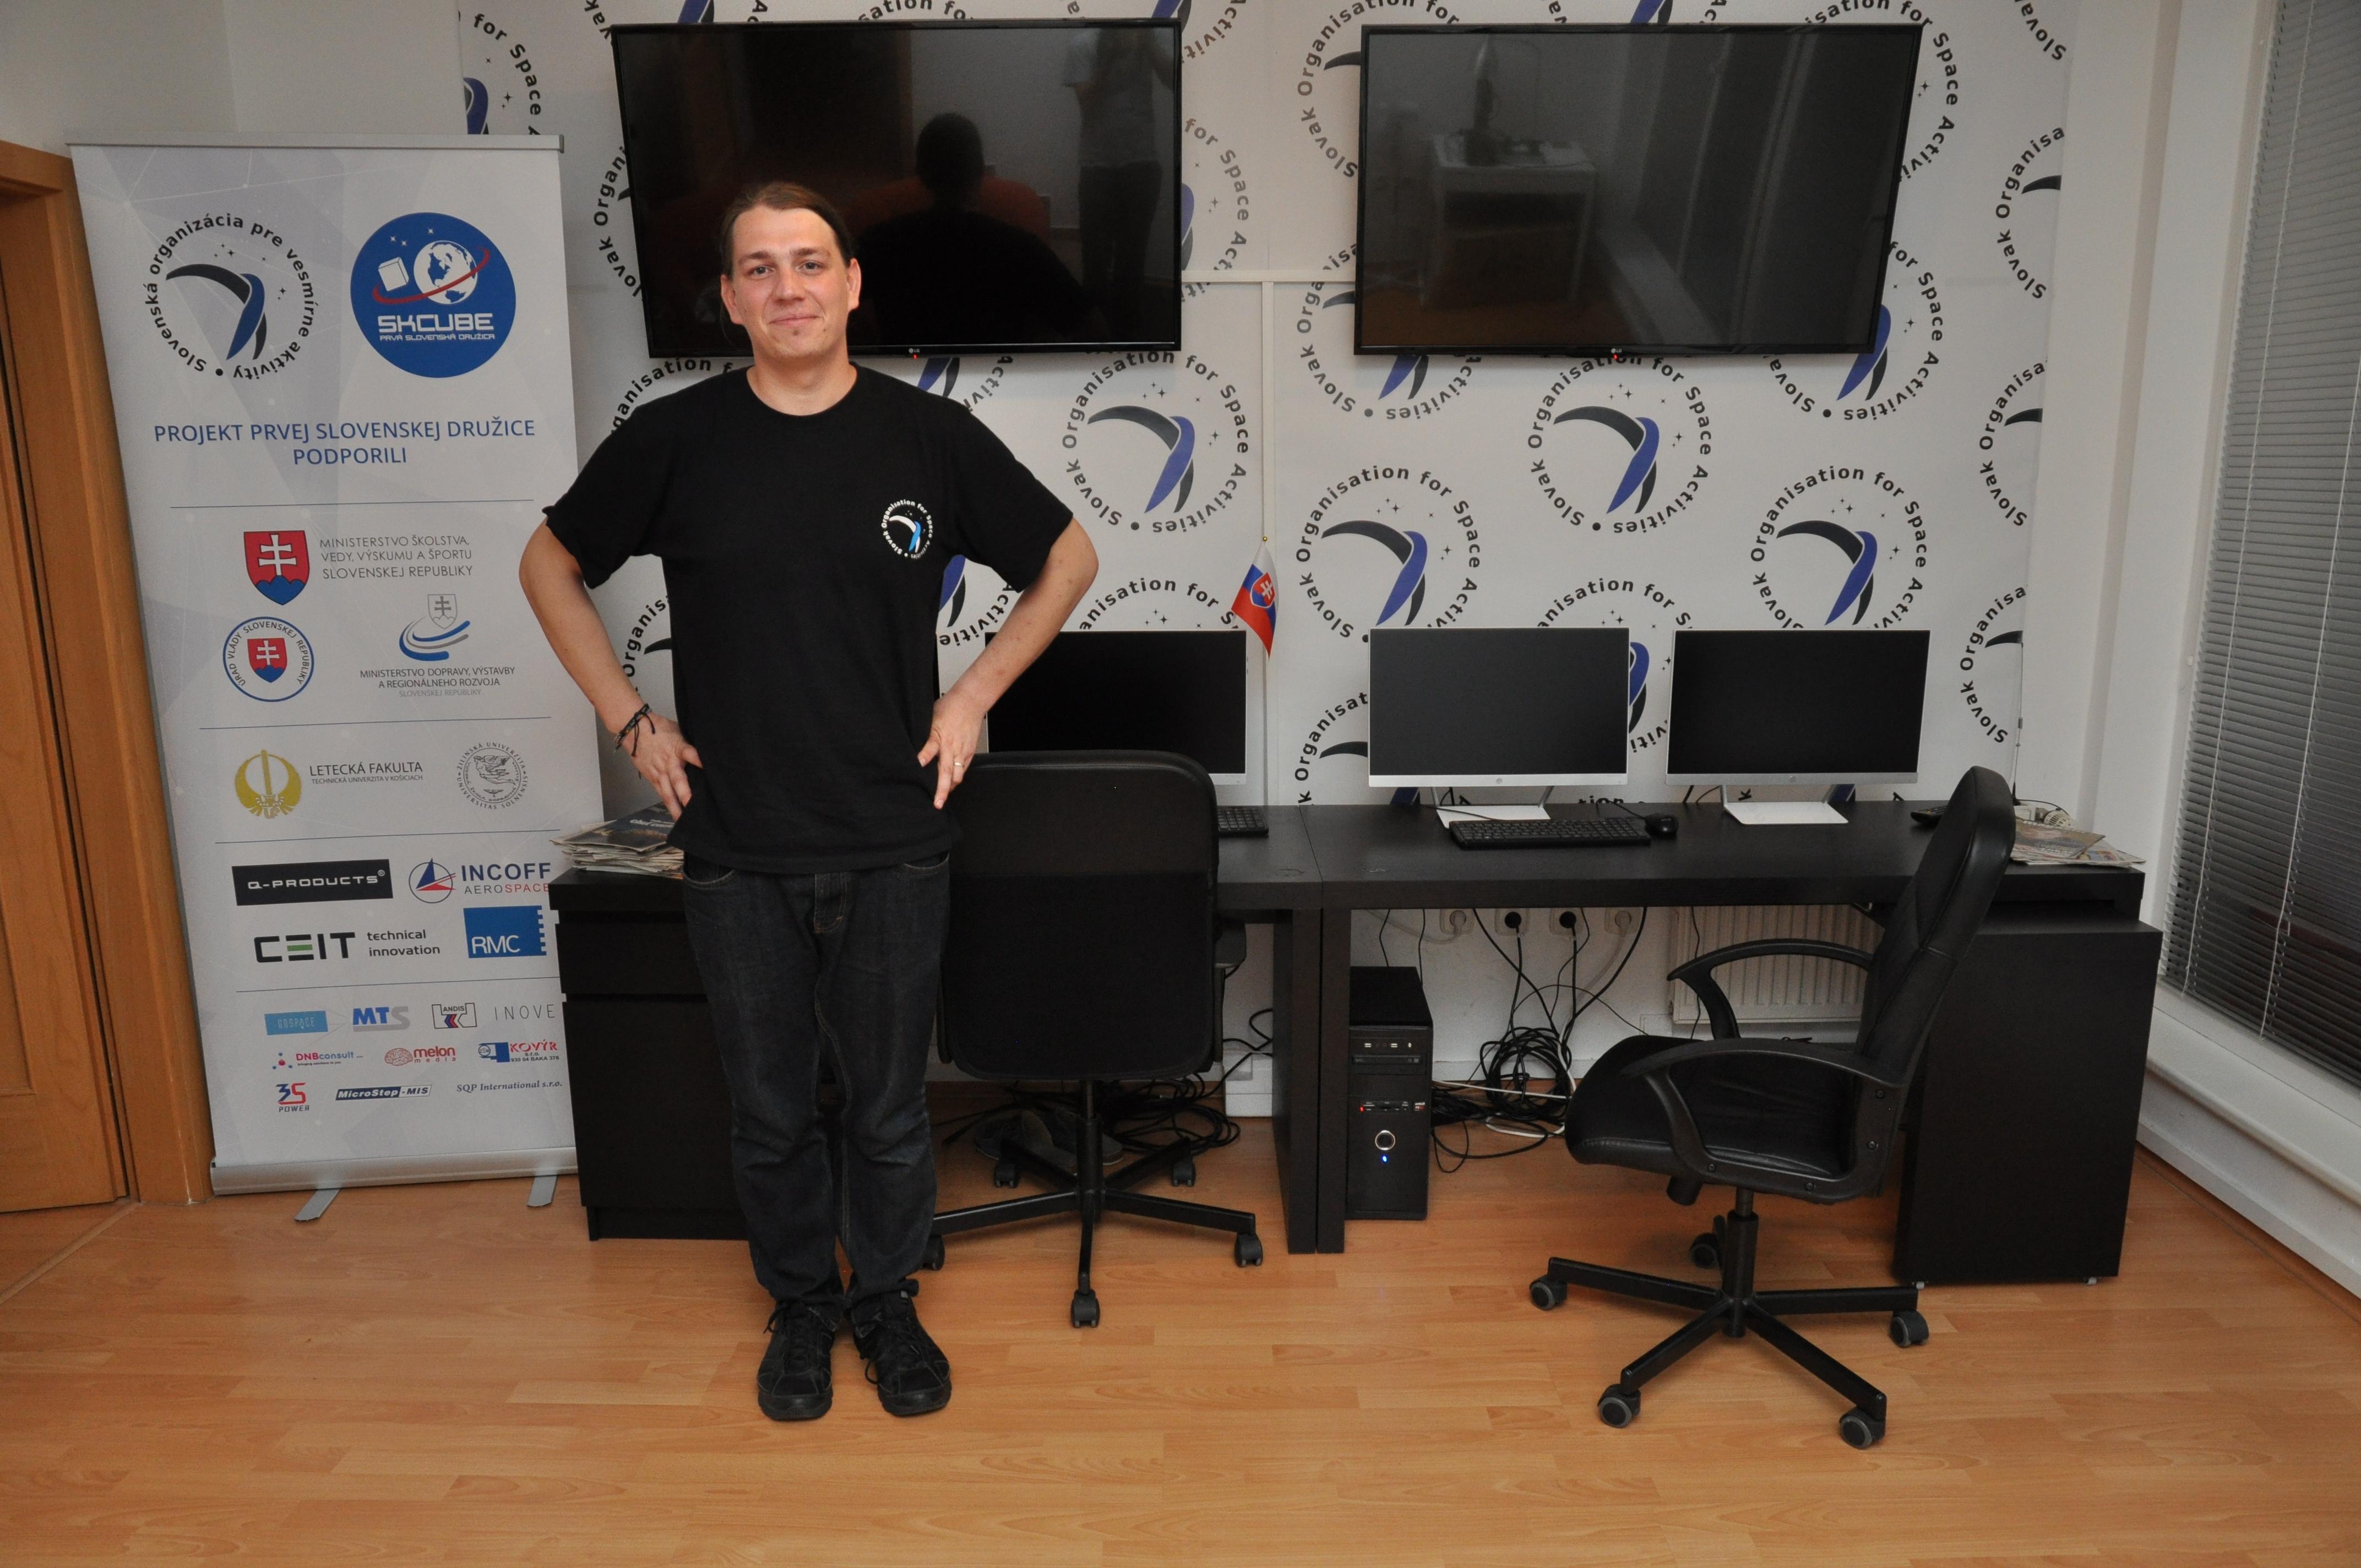 Tvorca slovenskej skCUBE Jakub Kapuš: Družica vychovala veľa vesmírnych inžinierov